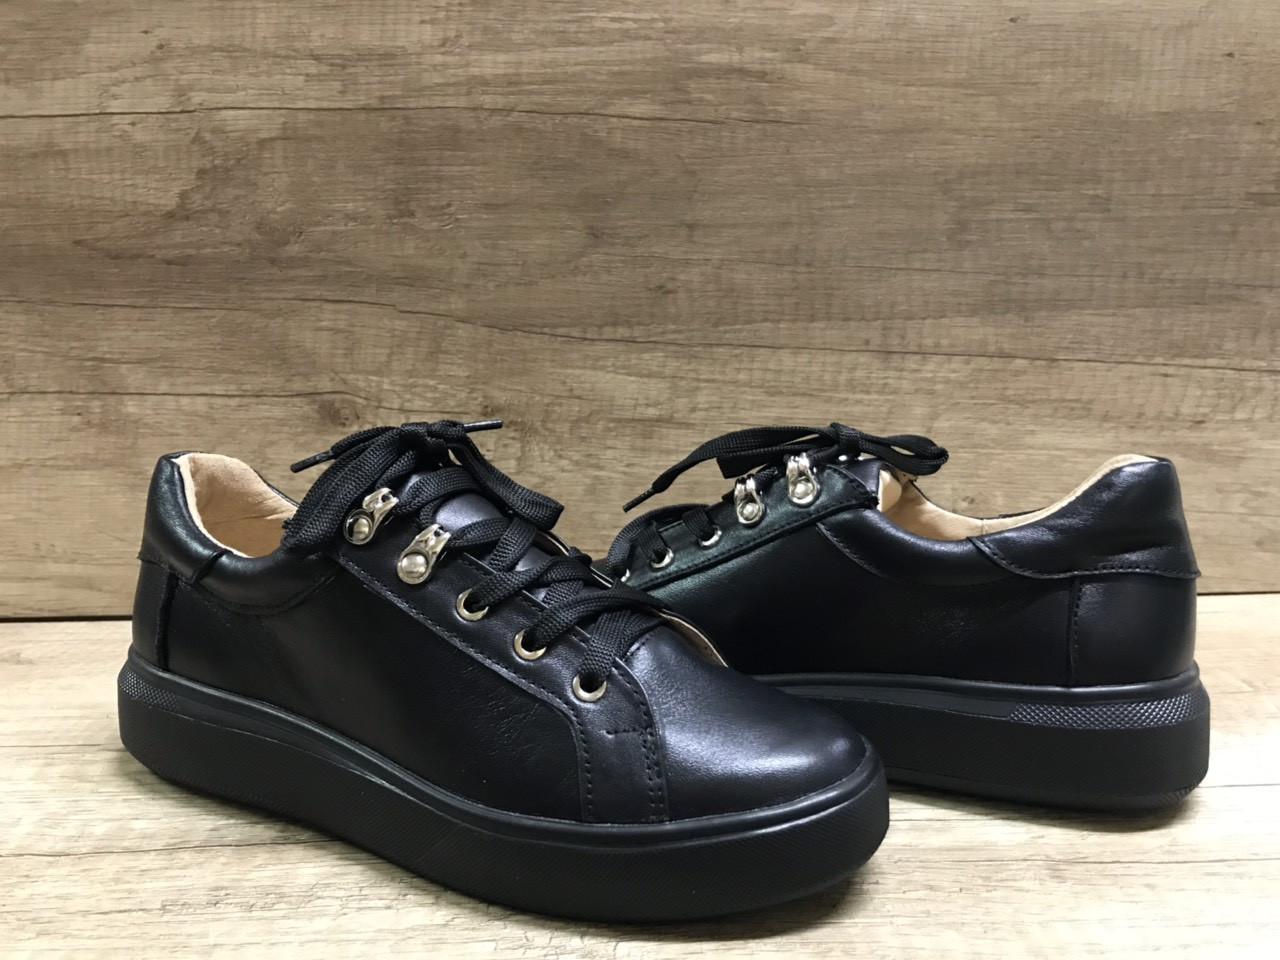 Стильные женские кеды черного цвета Anridecollo 649/161